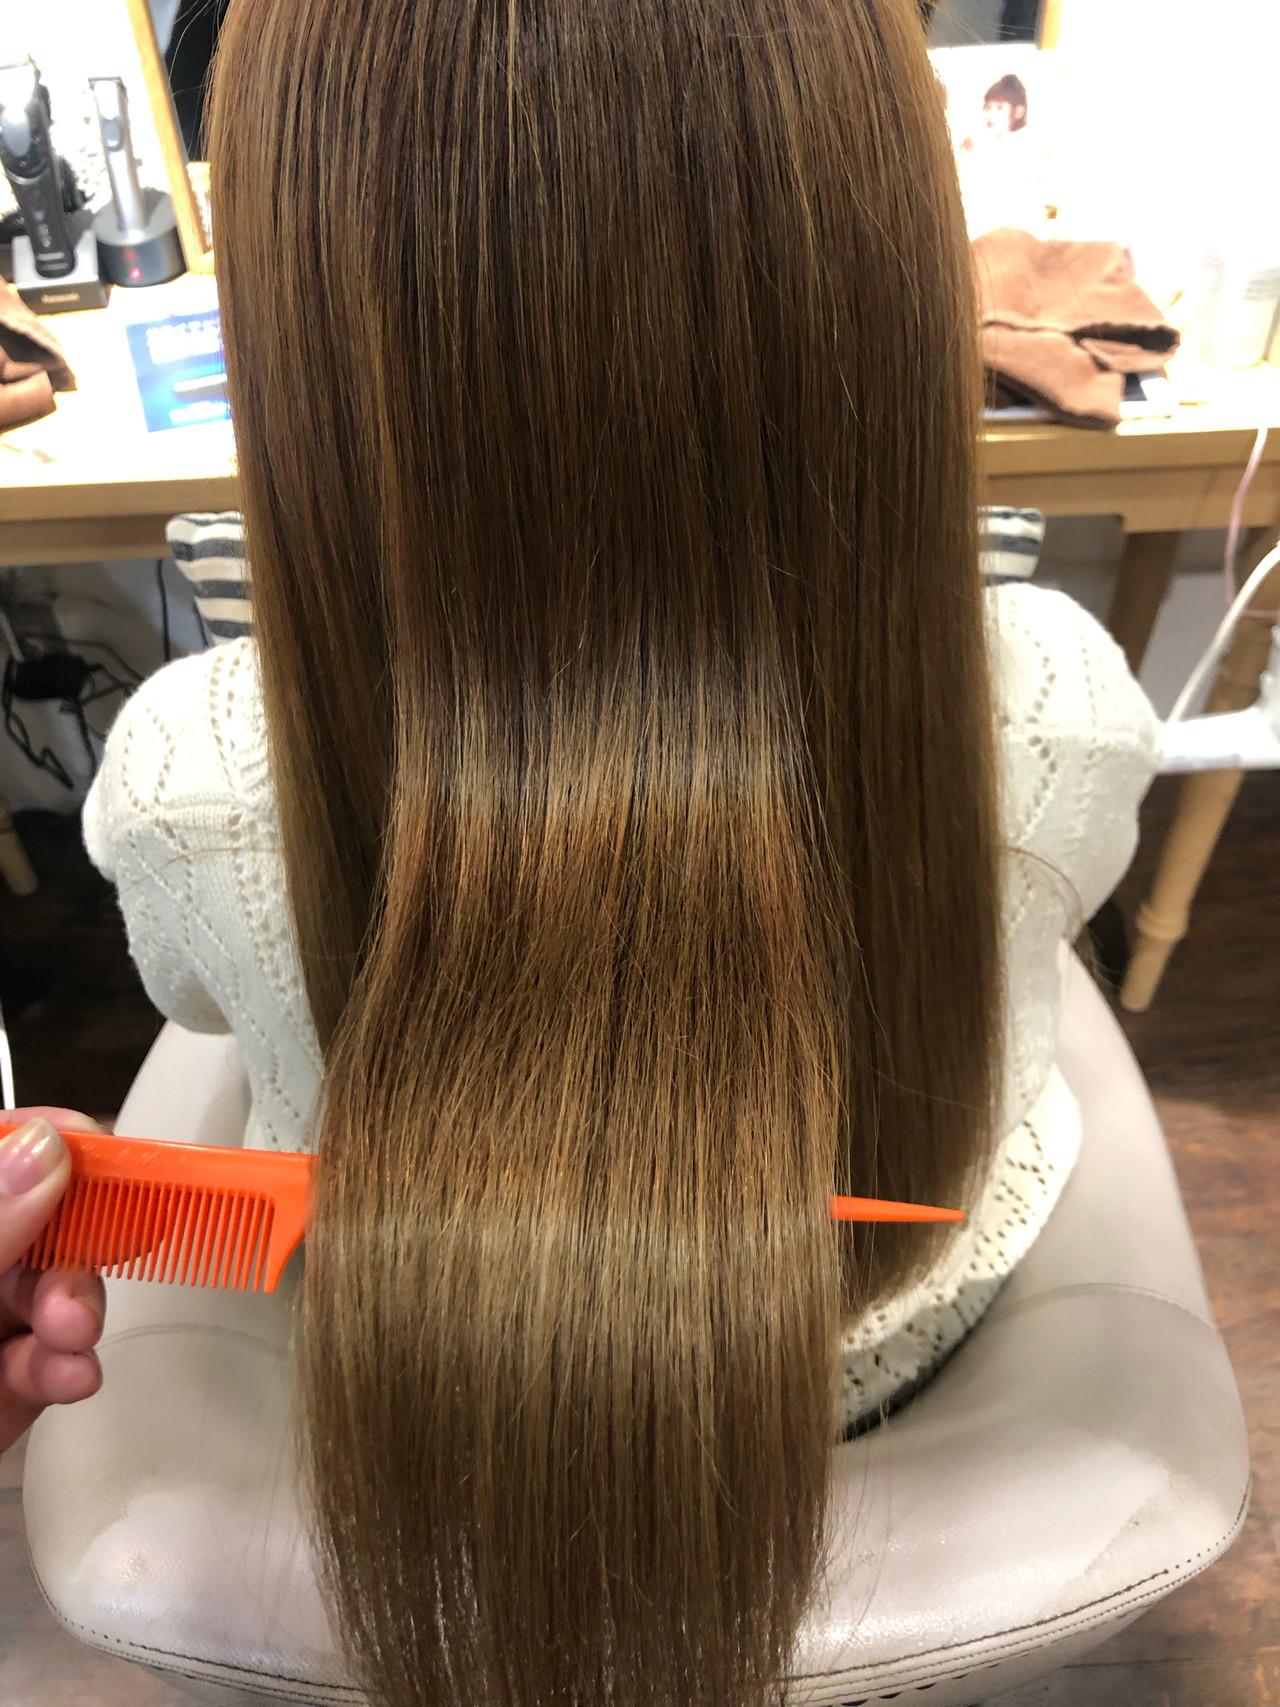 ツヤ髪 ストレート ロング 髪質改善トリートメント ヘアスタイルや髪型の写真・画像